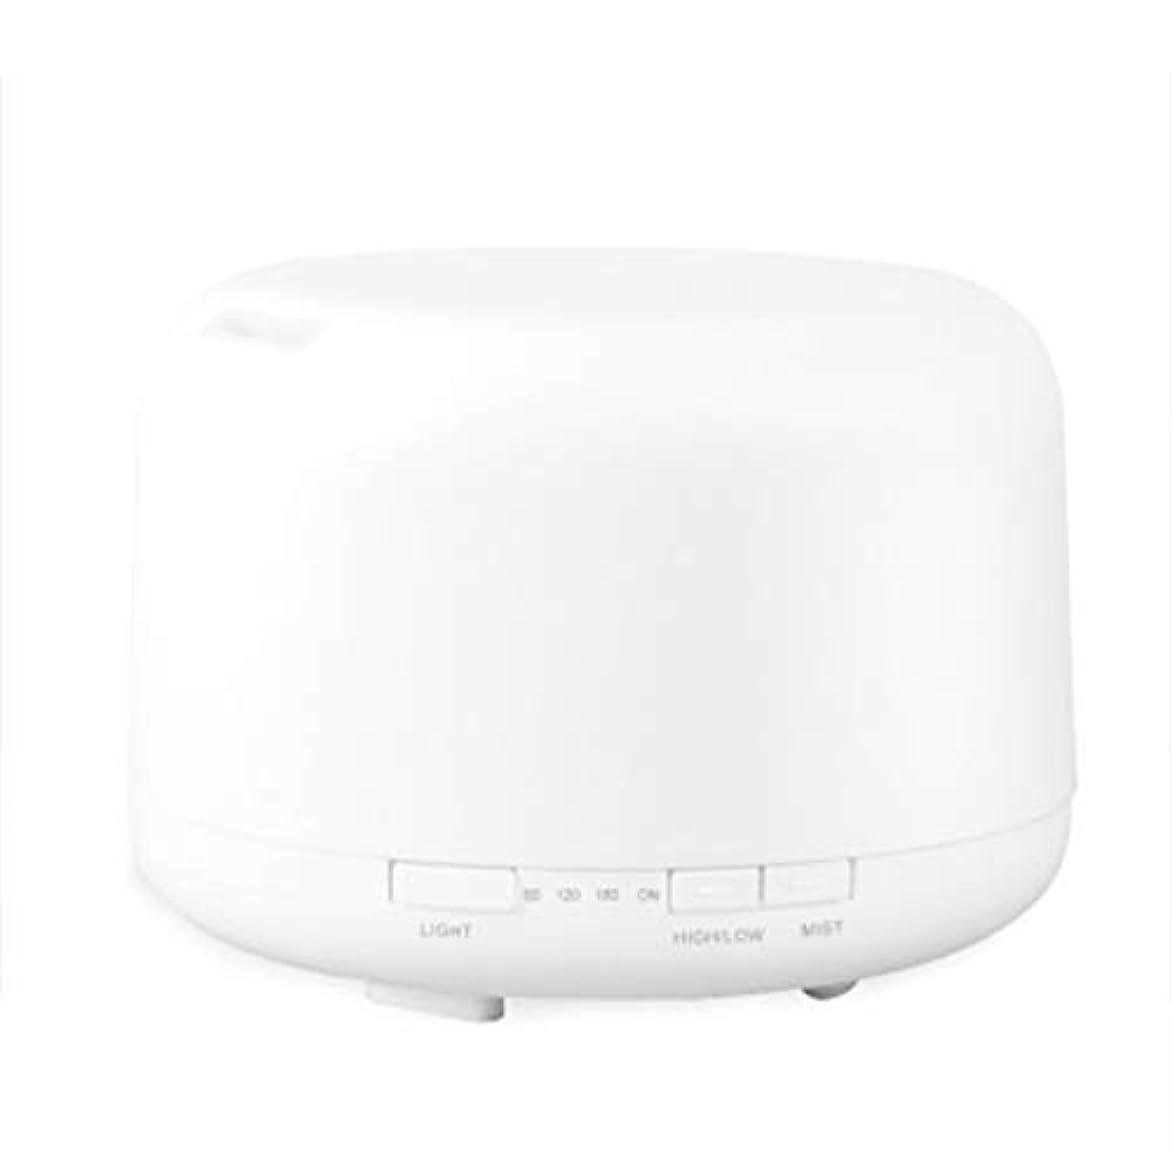 カウンタ赤字事業色LEDライトが付いている500ml超音波冷たい霧の加湿器は家のヨガのオフィスの鉱泉の寝室の拡散器を変えます (Color : Colorful)